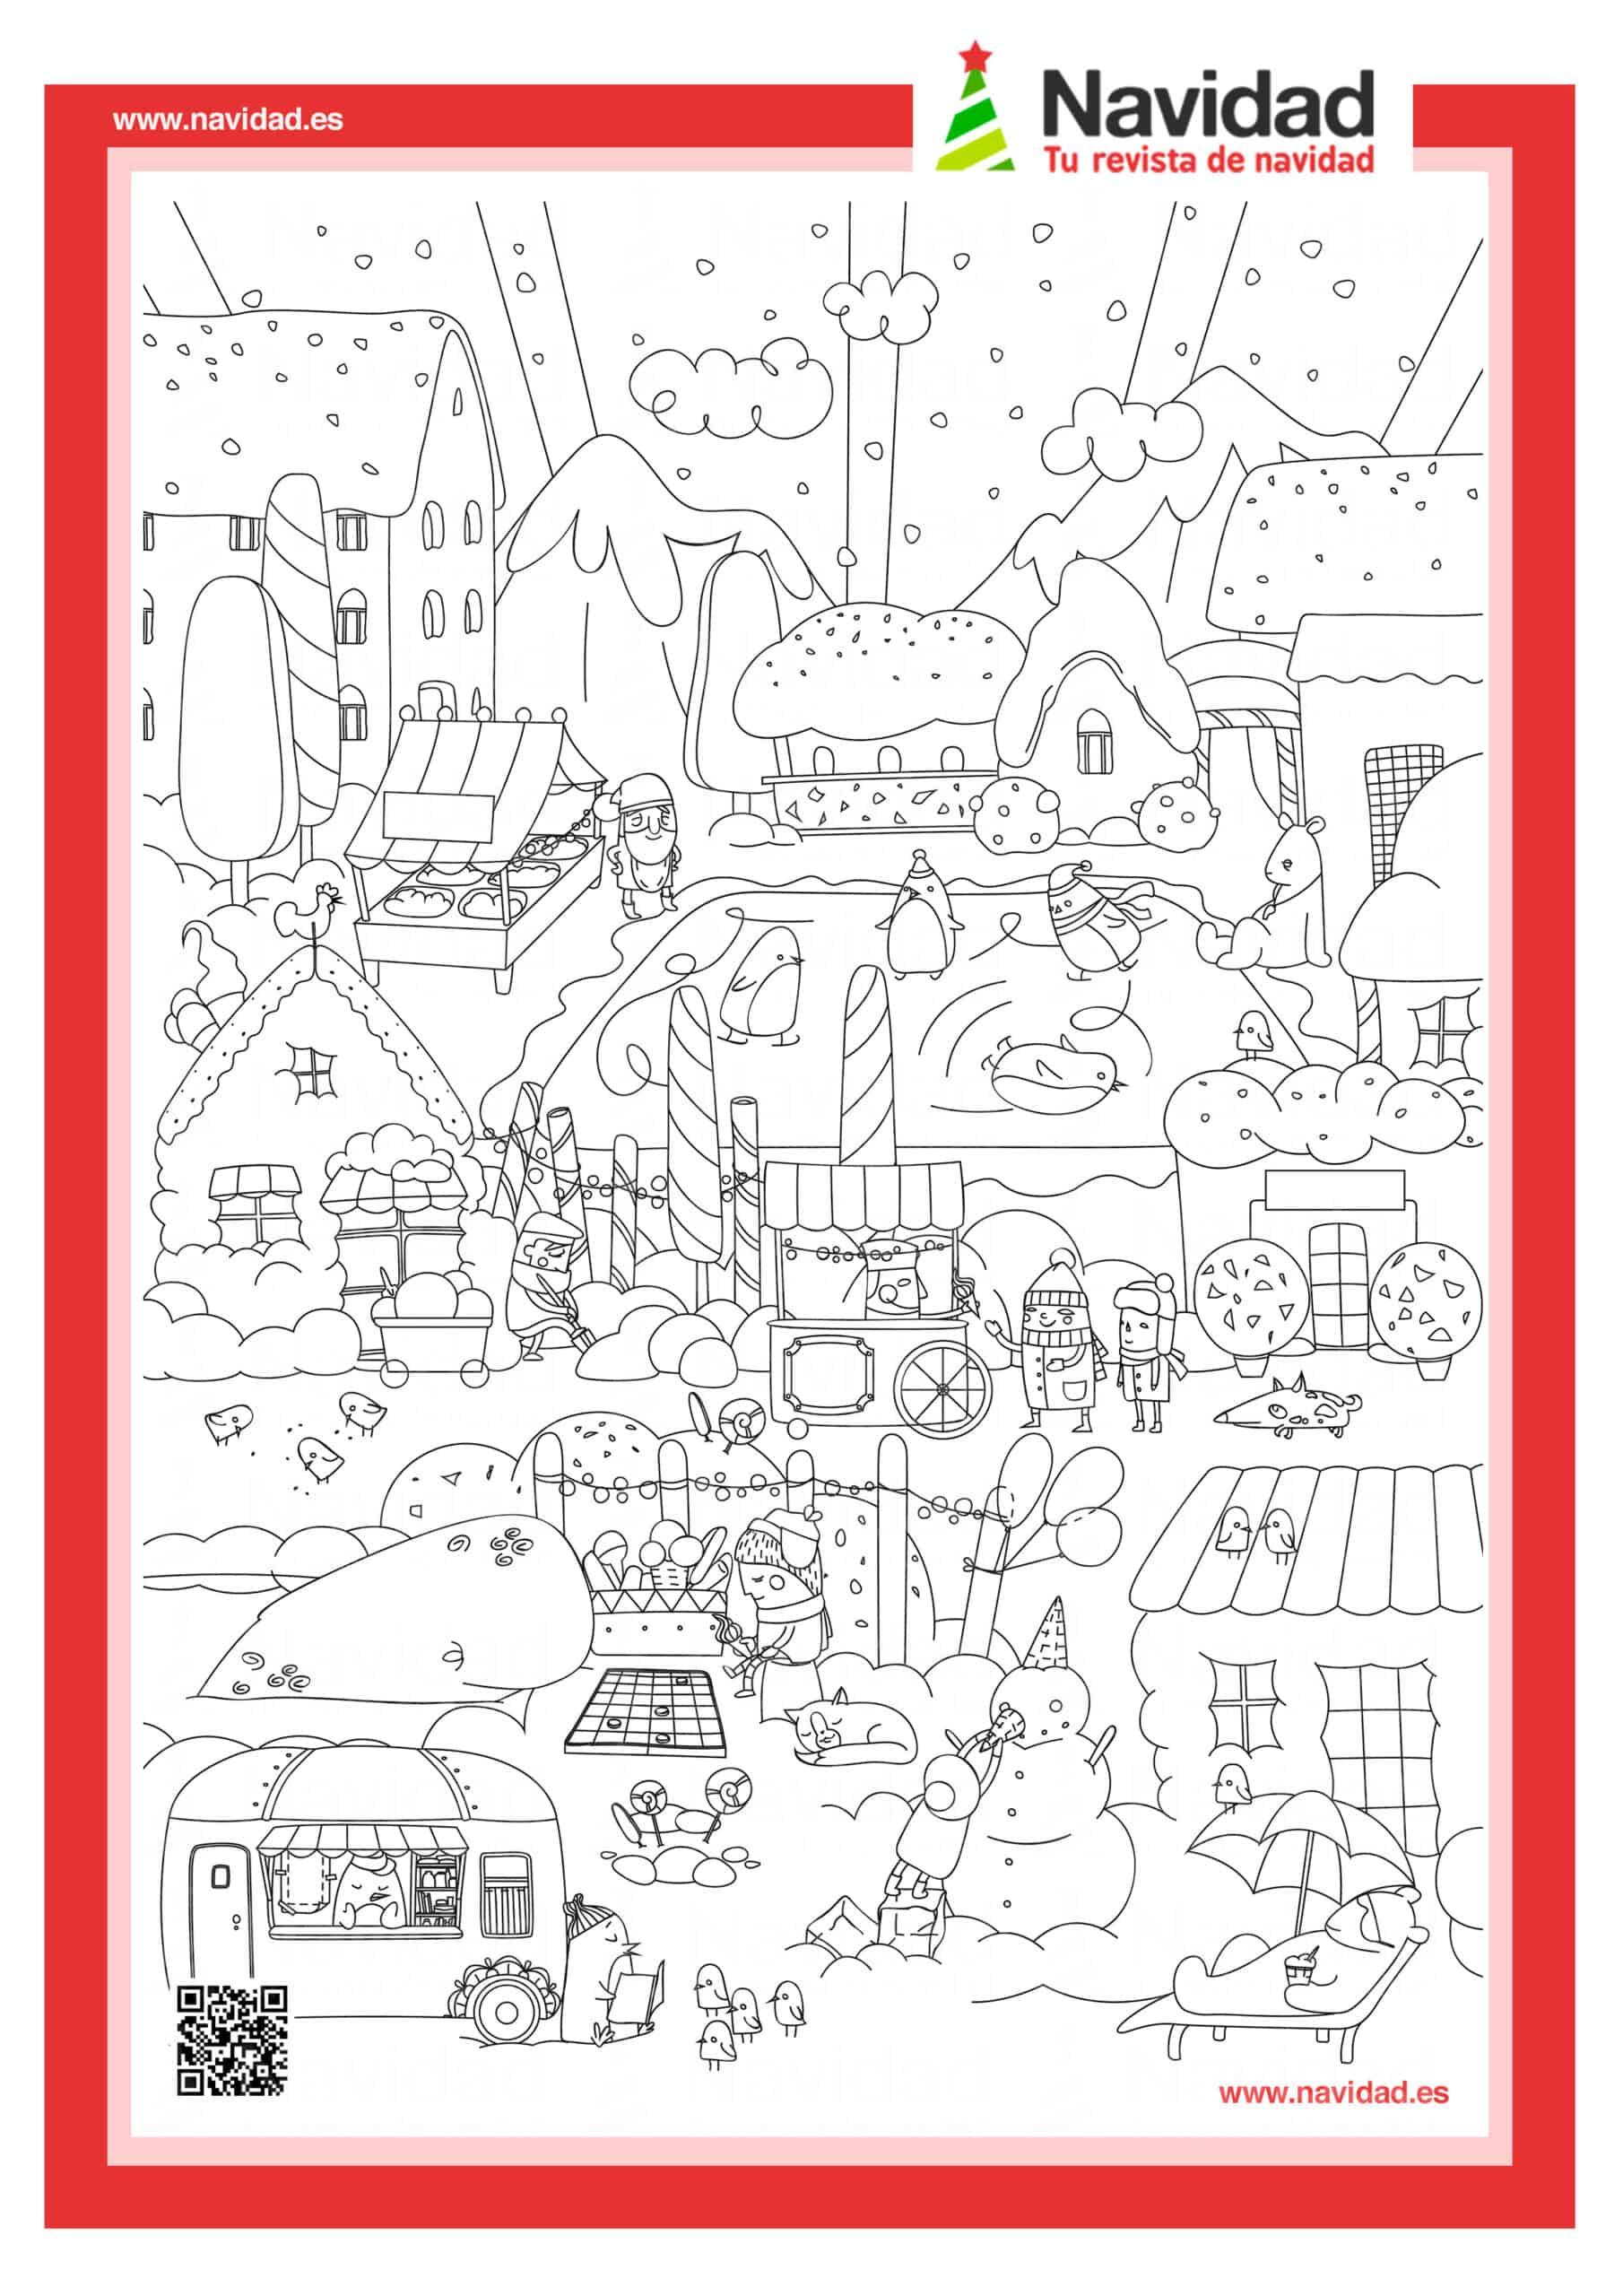 Dibujos navideños para colorear con los hijos esta Navidad 14